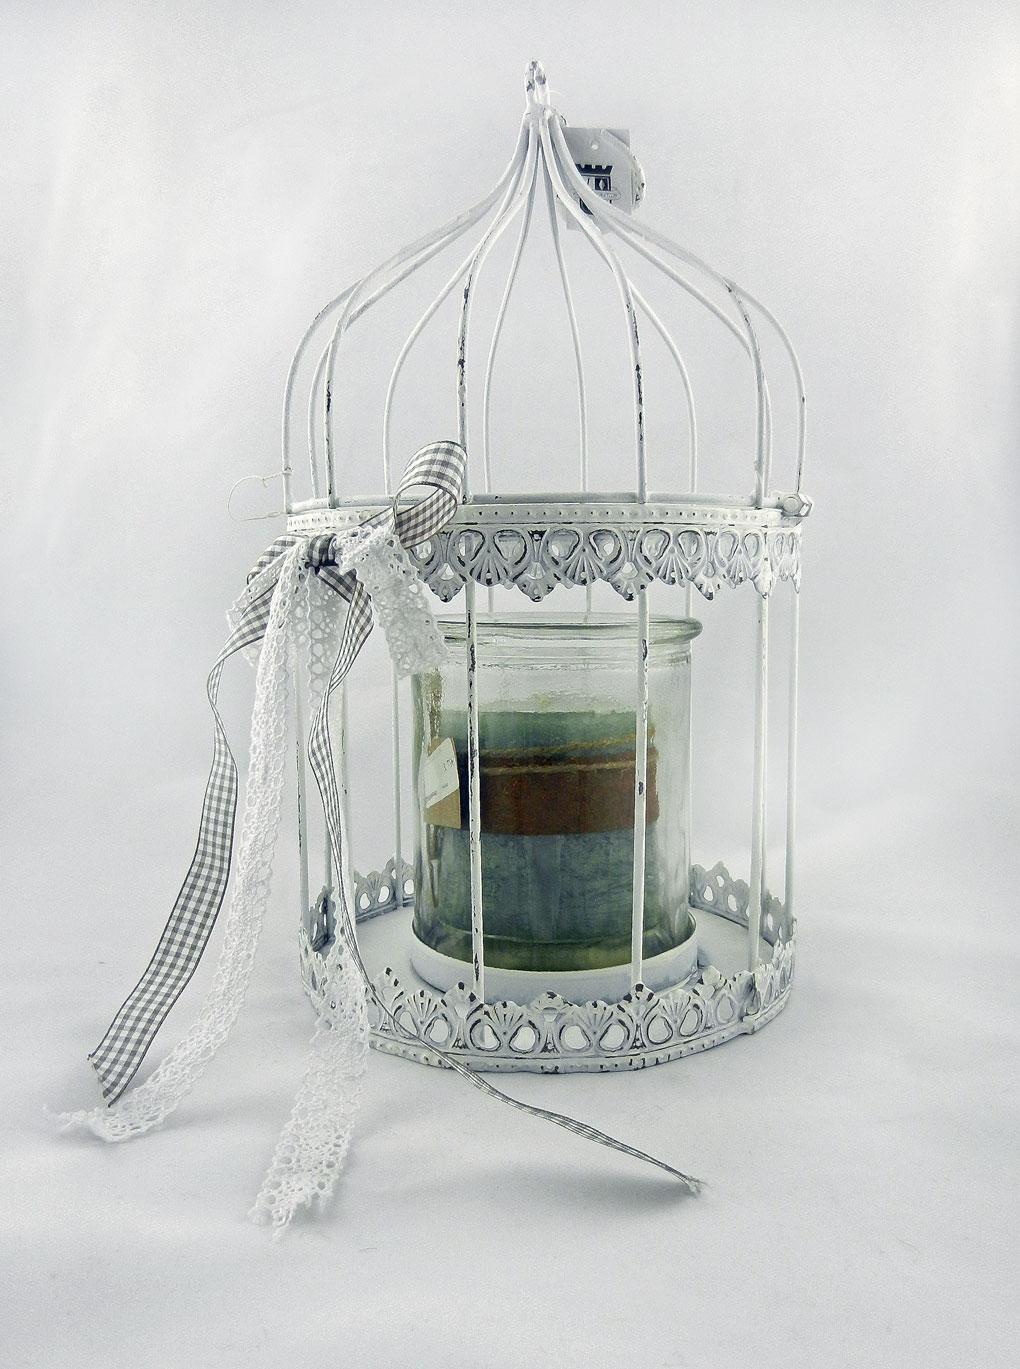 Ιδέες για να διακοσμήσεις με μεταλλικά κλουβιά